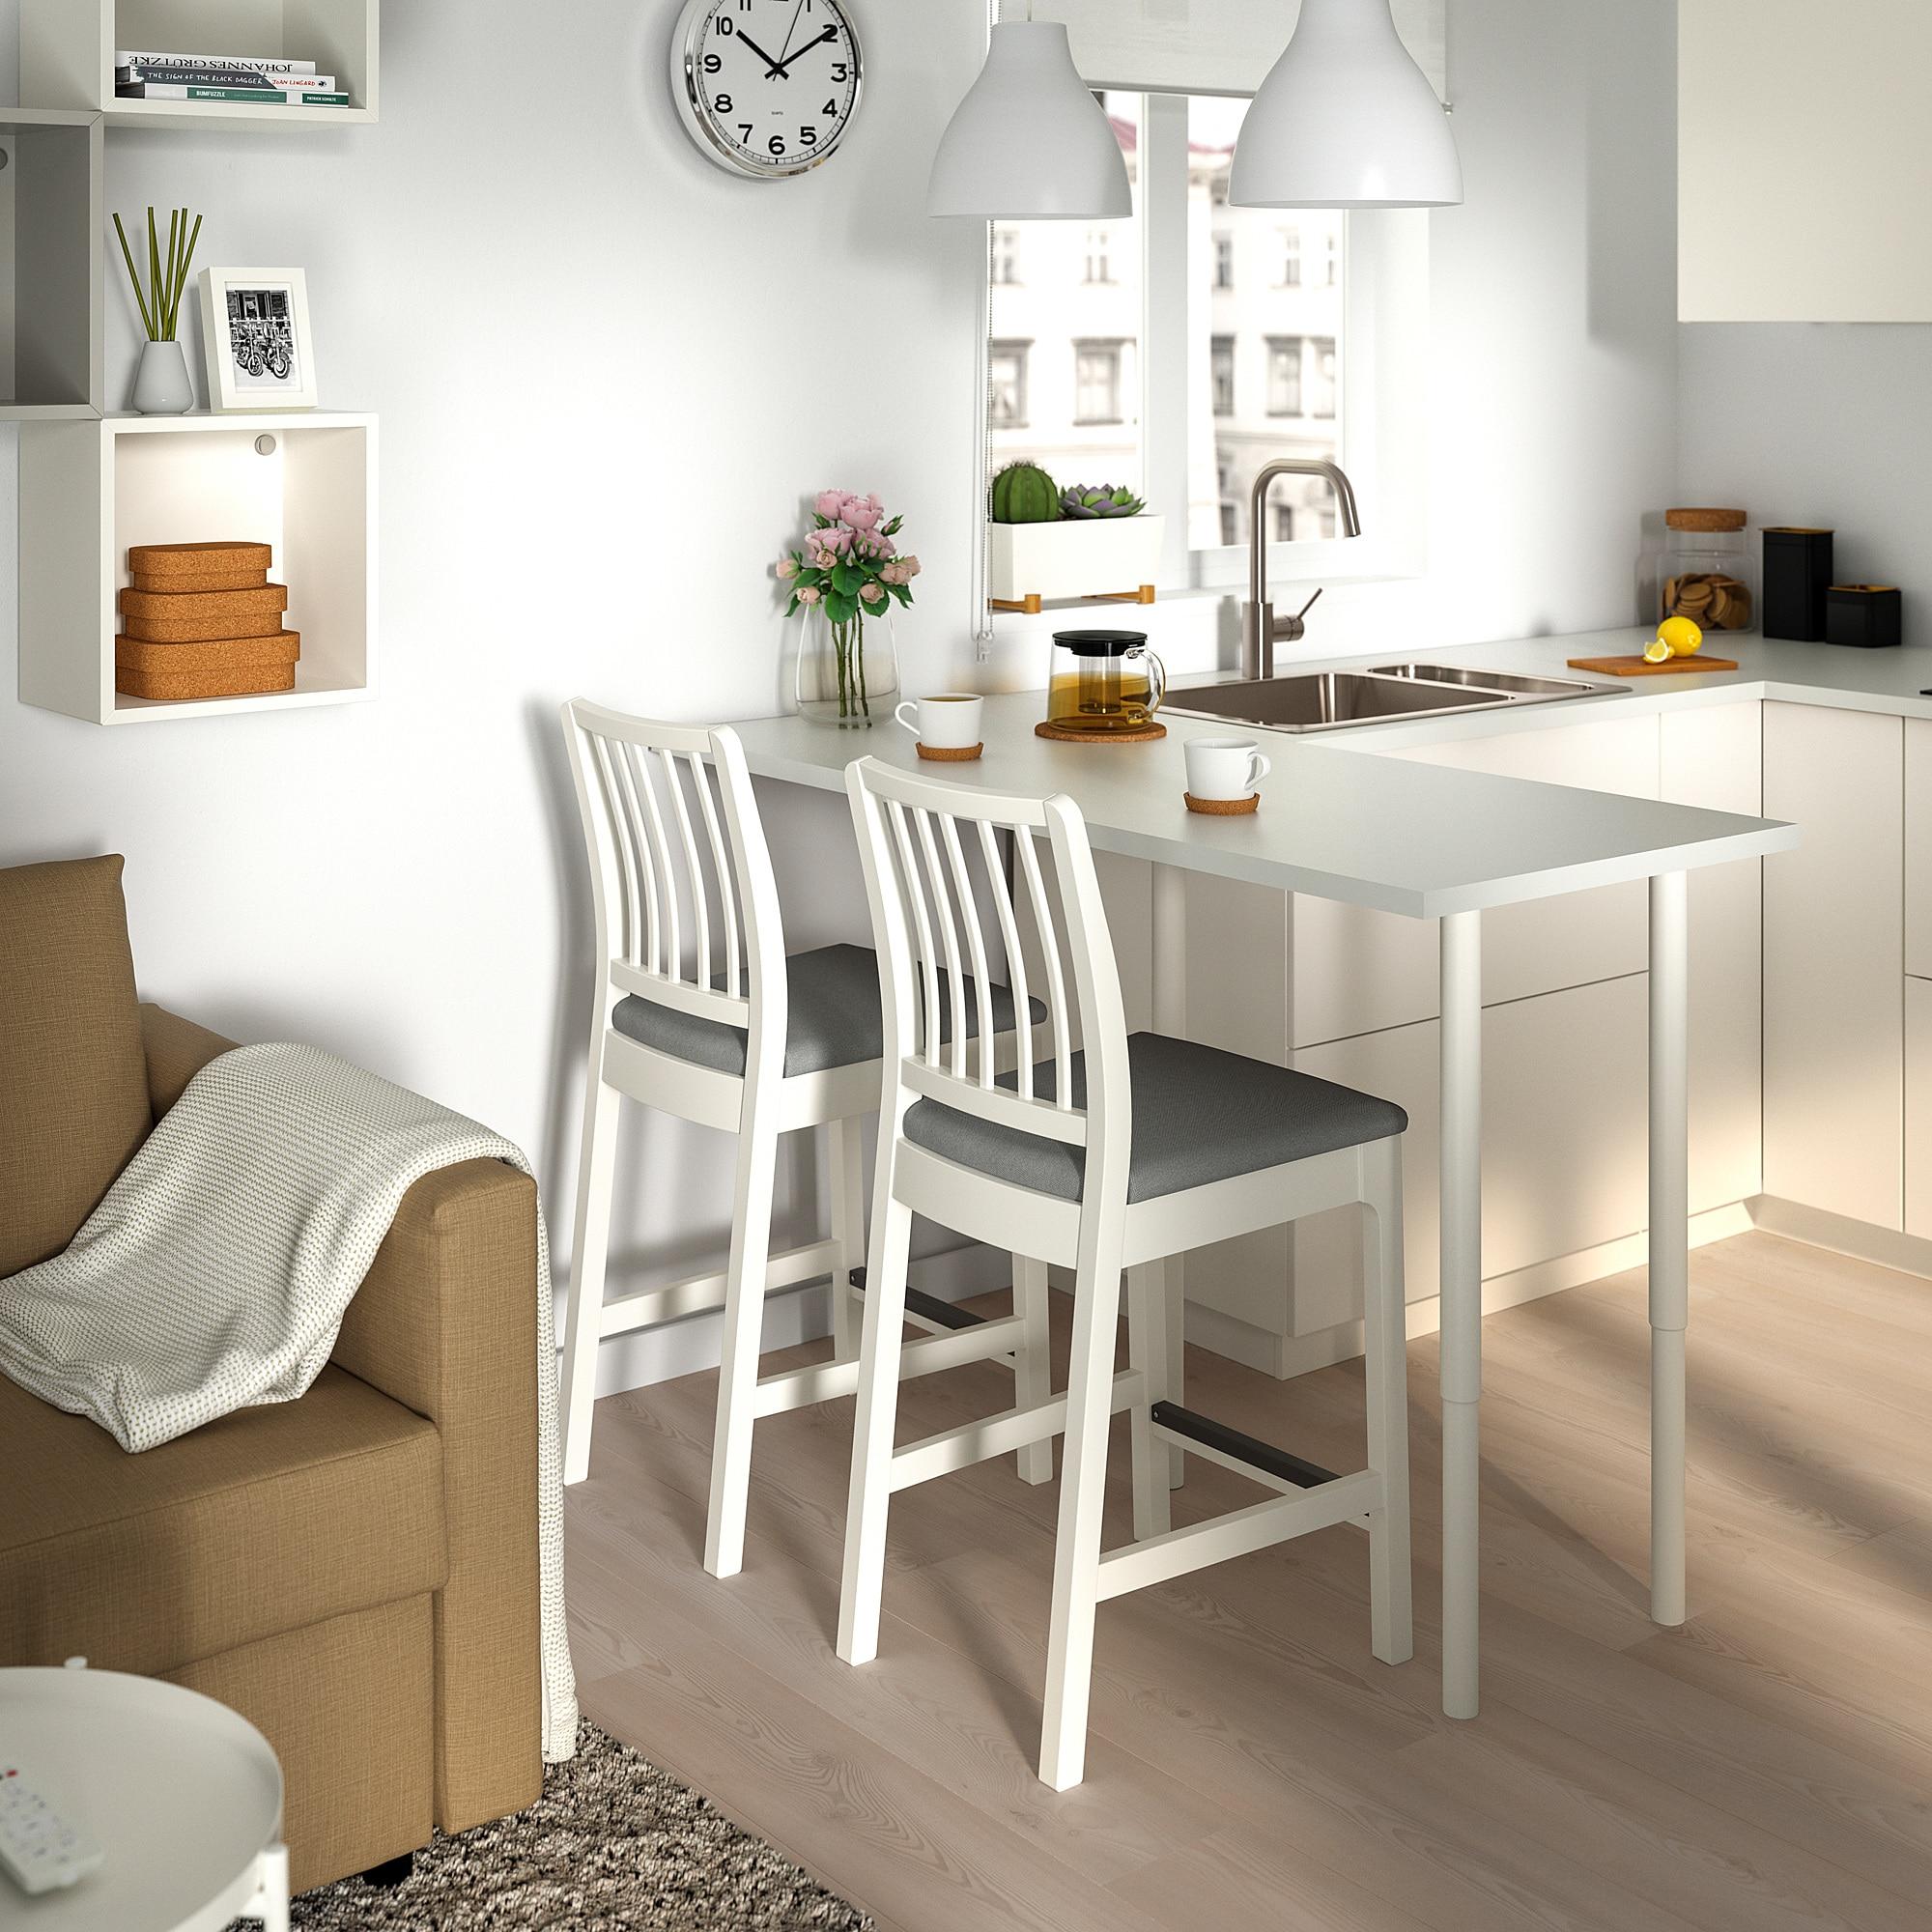 EKEDALEN Barhocker, weiß, Orrsta hellgrau. Hier kaufen   IKEA ...